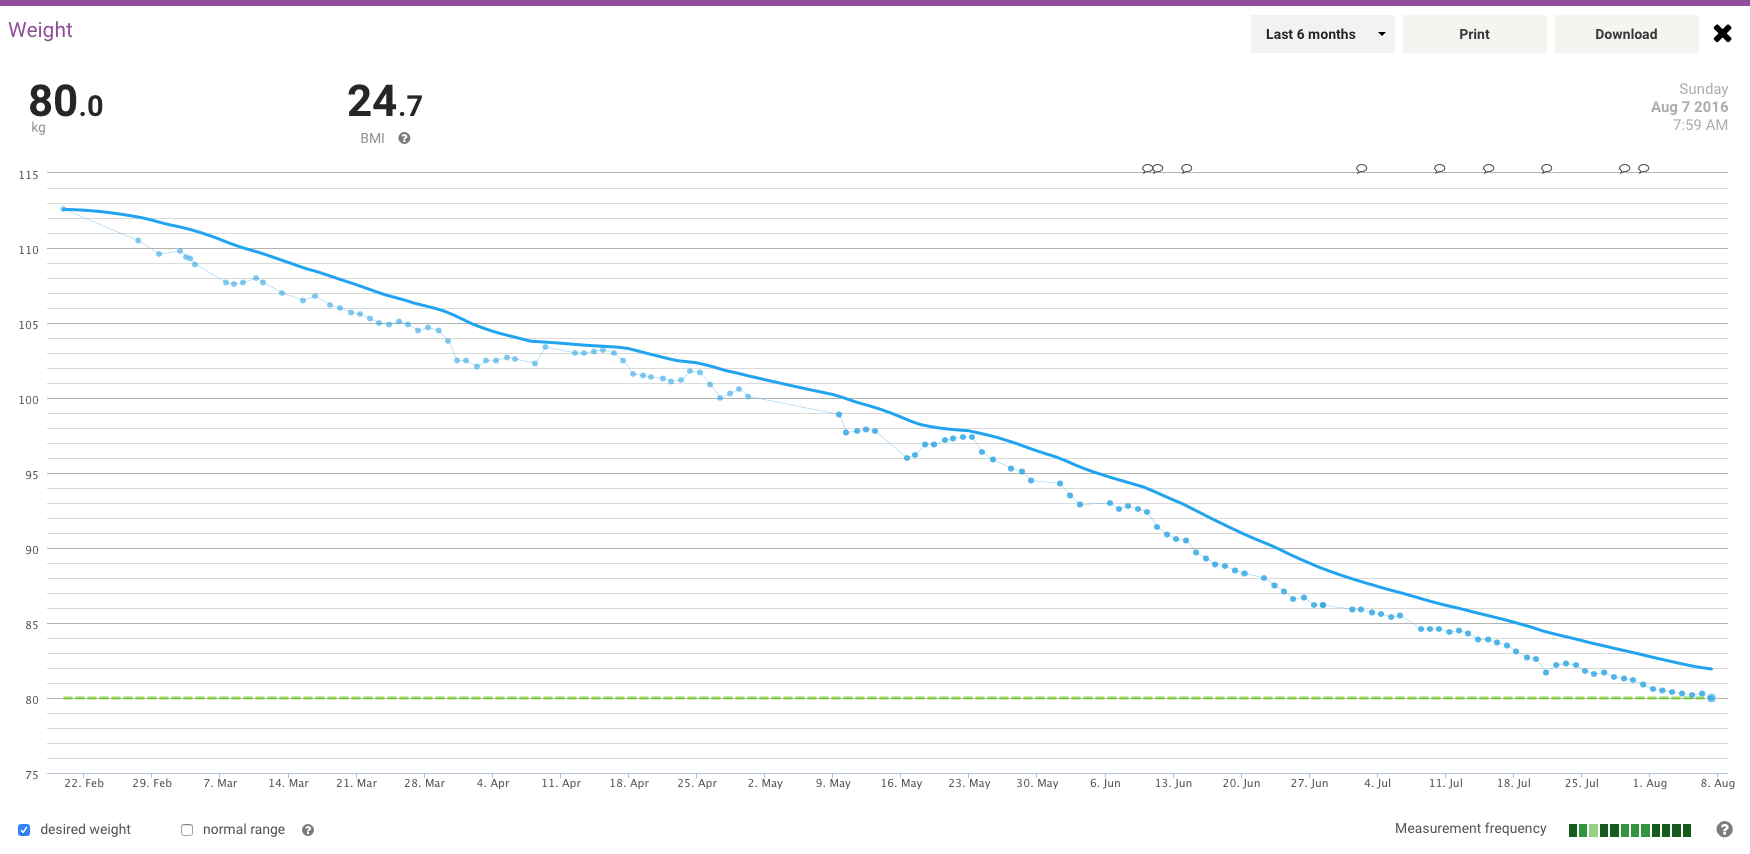 2016-08-07_80kg_6month